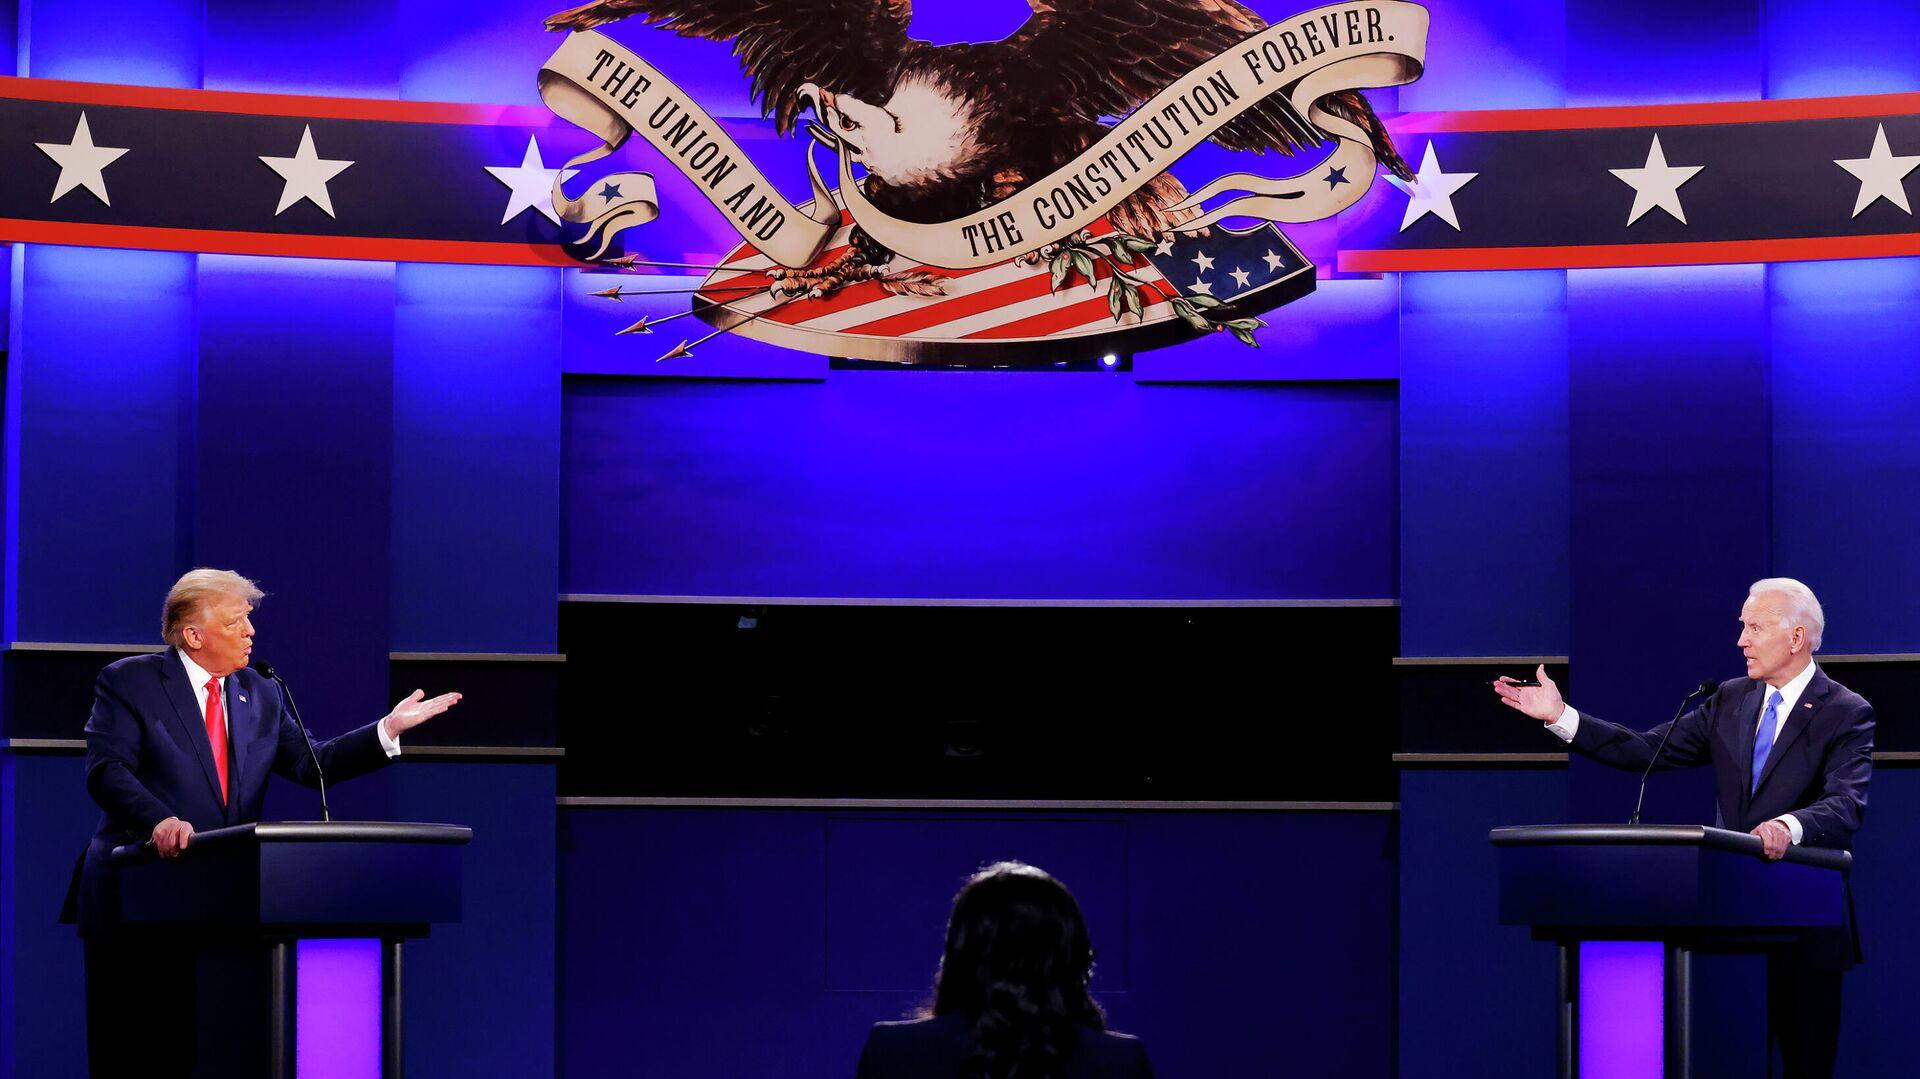 Президент США Дональд Трамп и кандидат в президенты США от Демократической партии Джо Байден во время финальных дебатов в Нэшвилле - РИА Новости, 1920, 23.10.2020